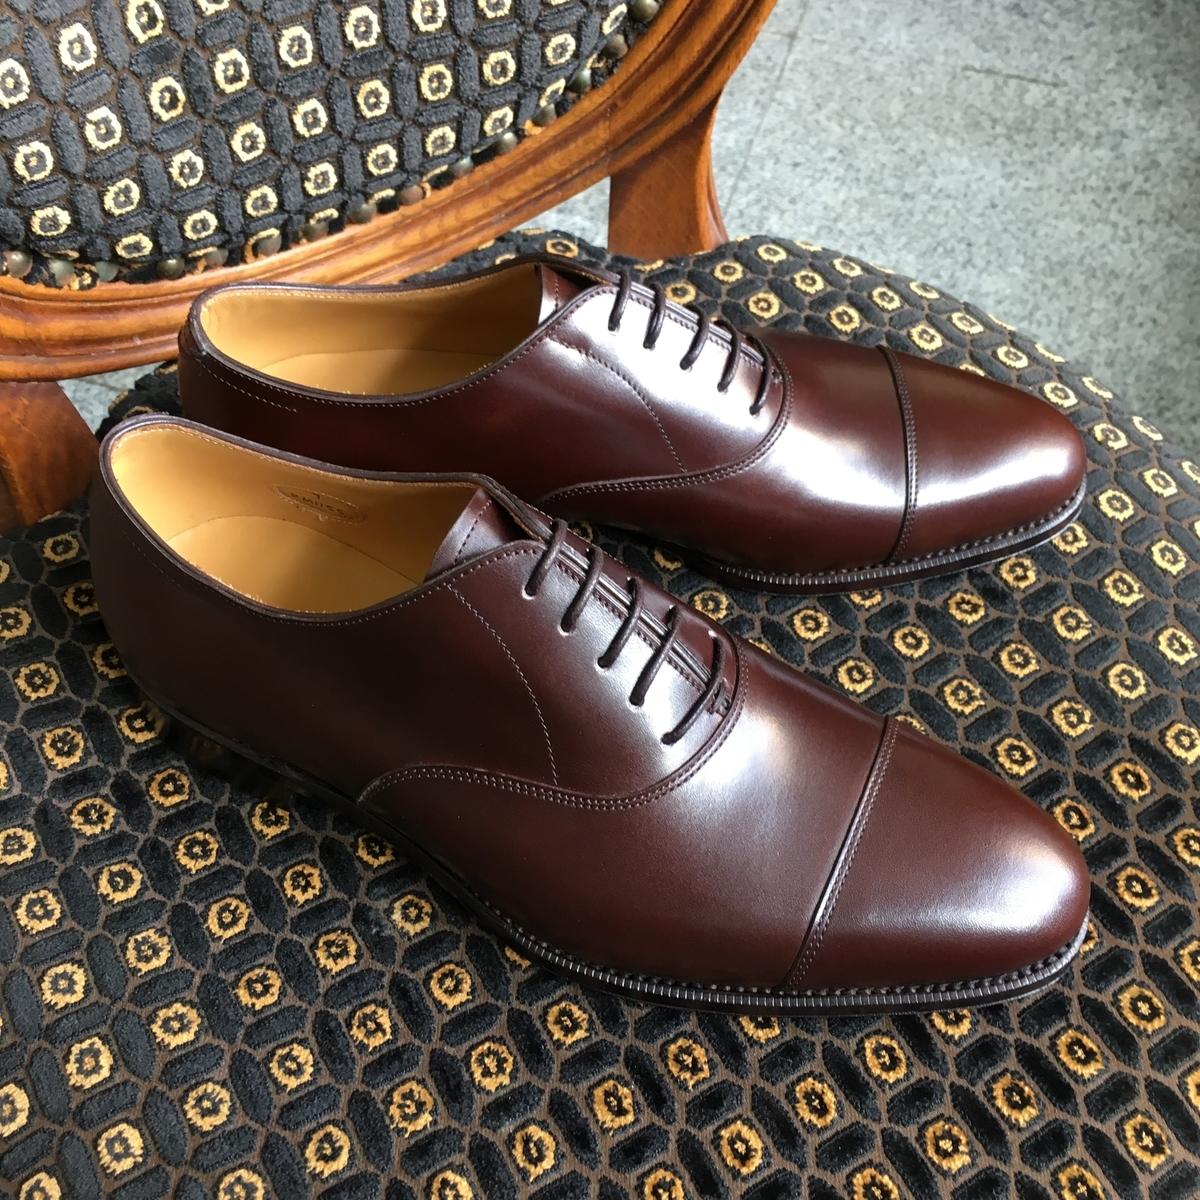 f:id:raymar-shoes:20190911173016j:plain